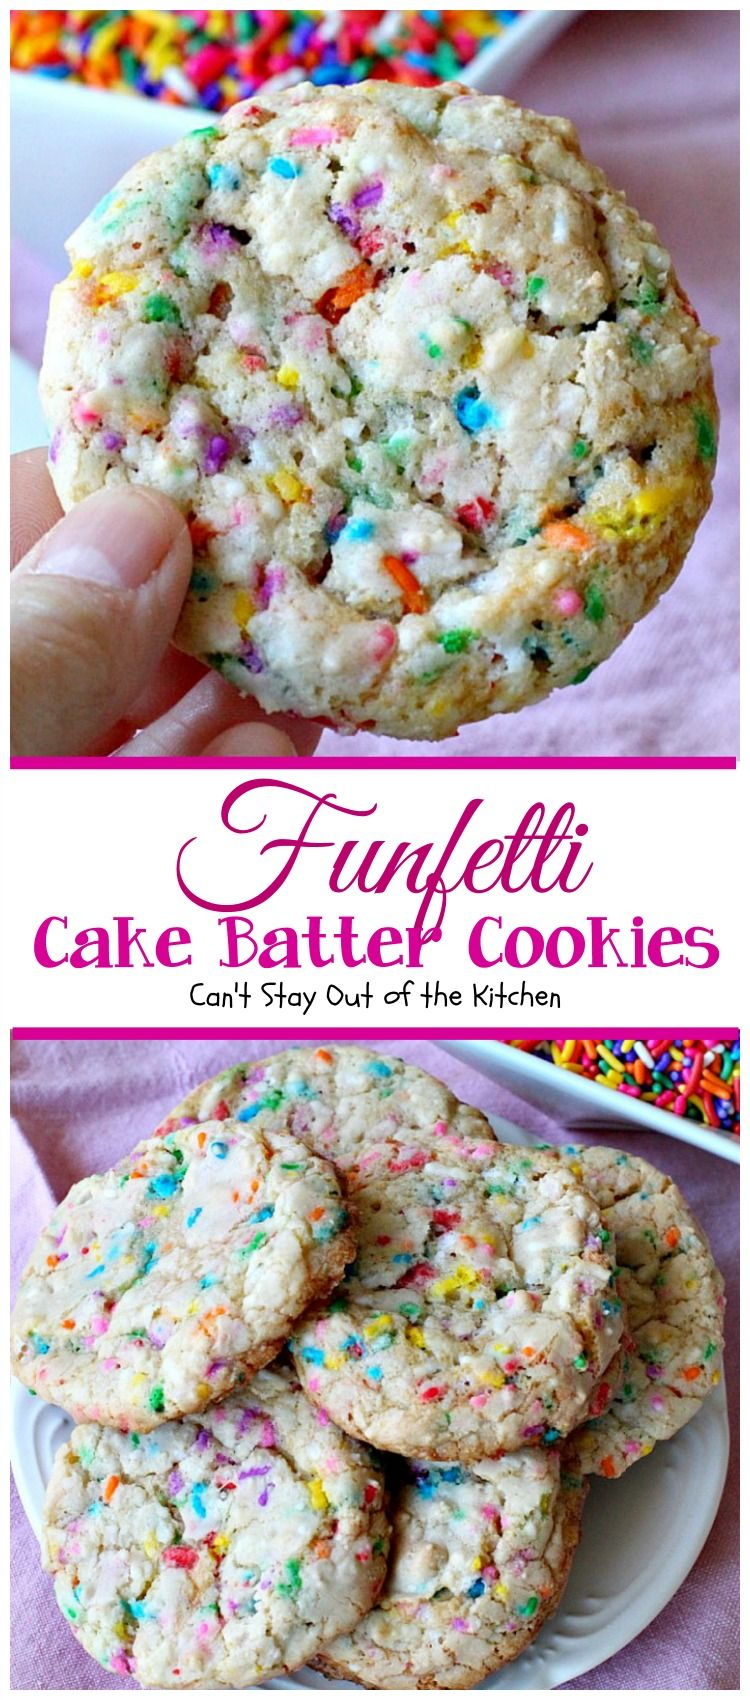 Funfetti Cake Batter Cookies Recipe Dessert Recipes Cake Mix